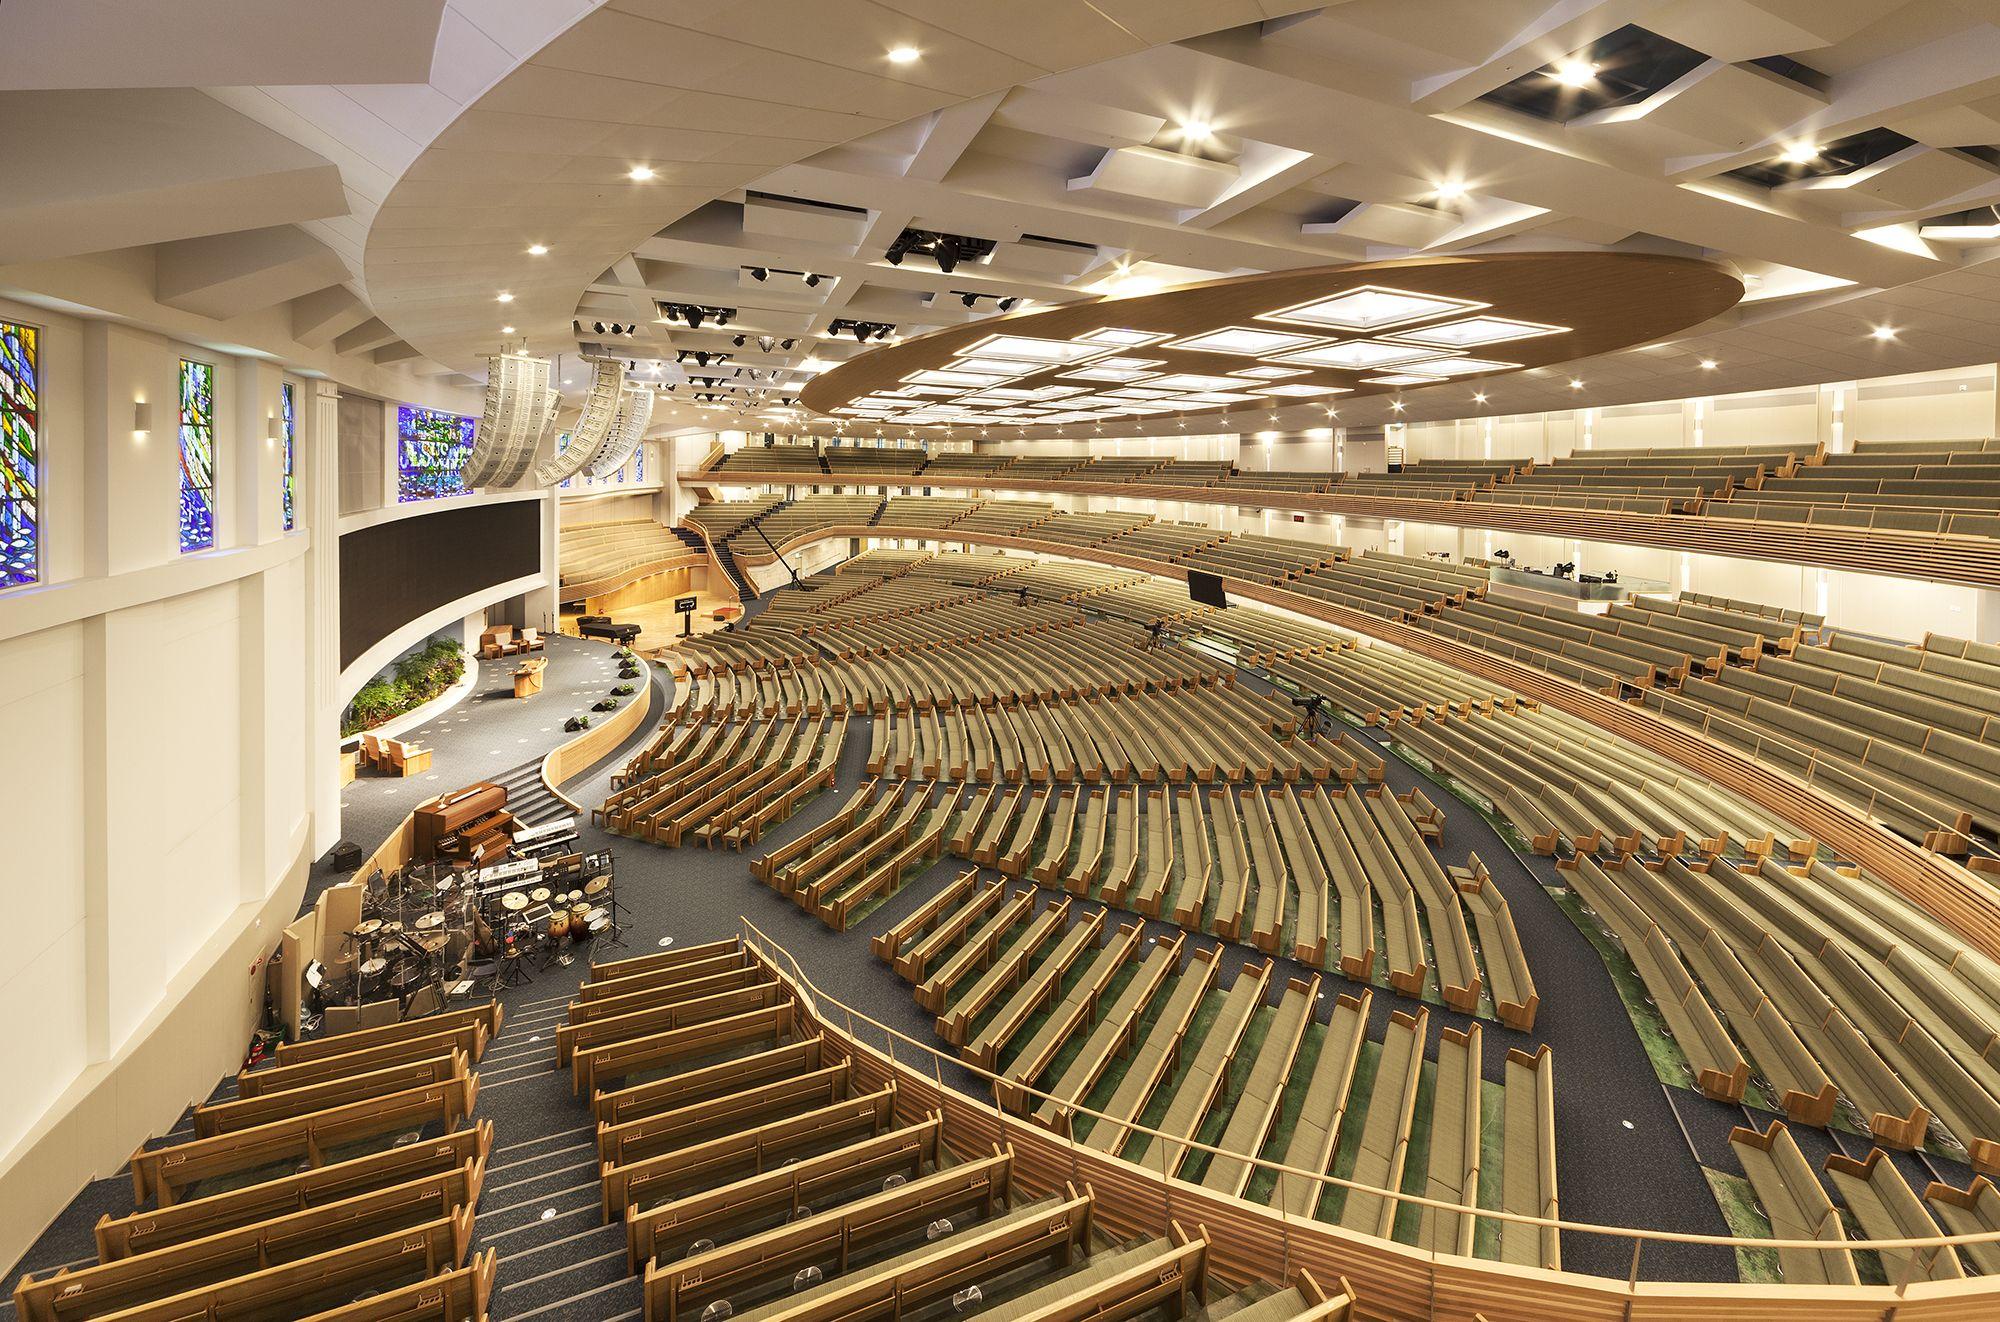 church sanctuaries Google Search GC Auditorium Pinterest